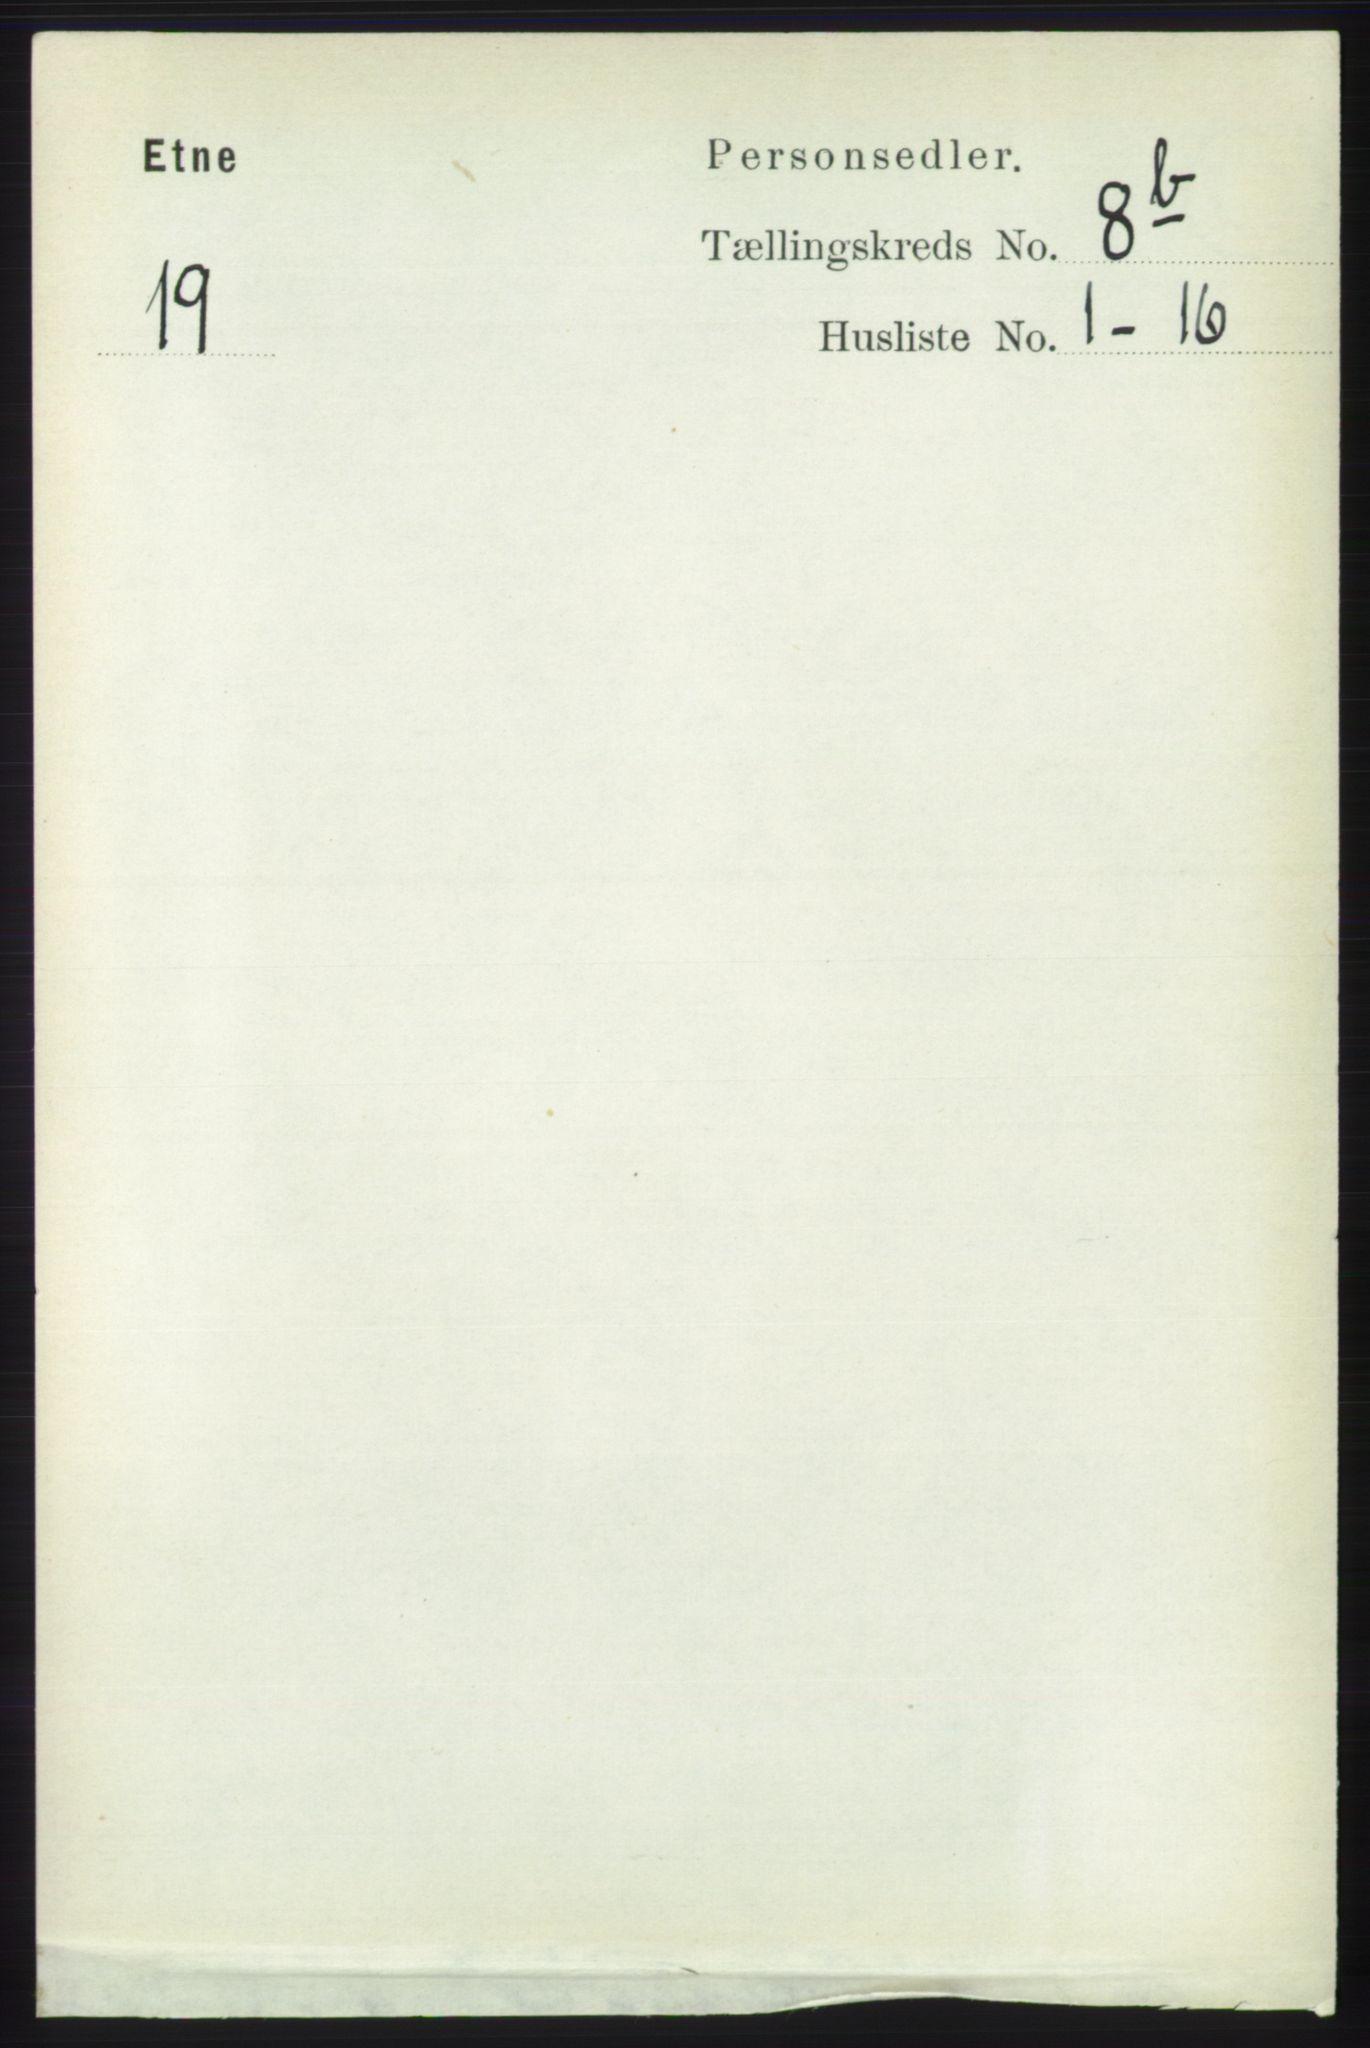 RA, Folketelling 1891 for 1211 Etne herred, 1891, s. 1616